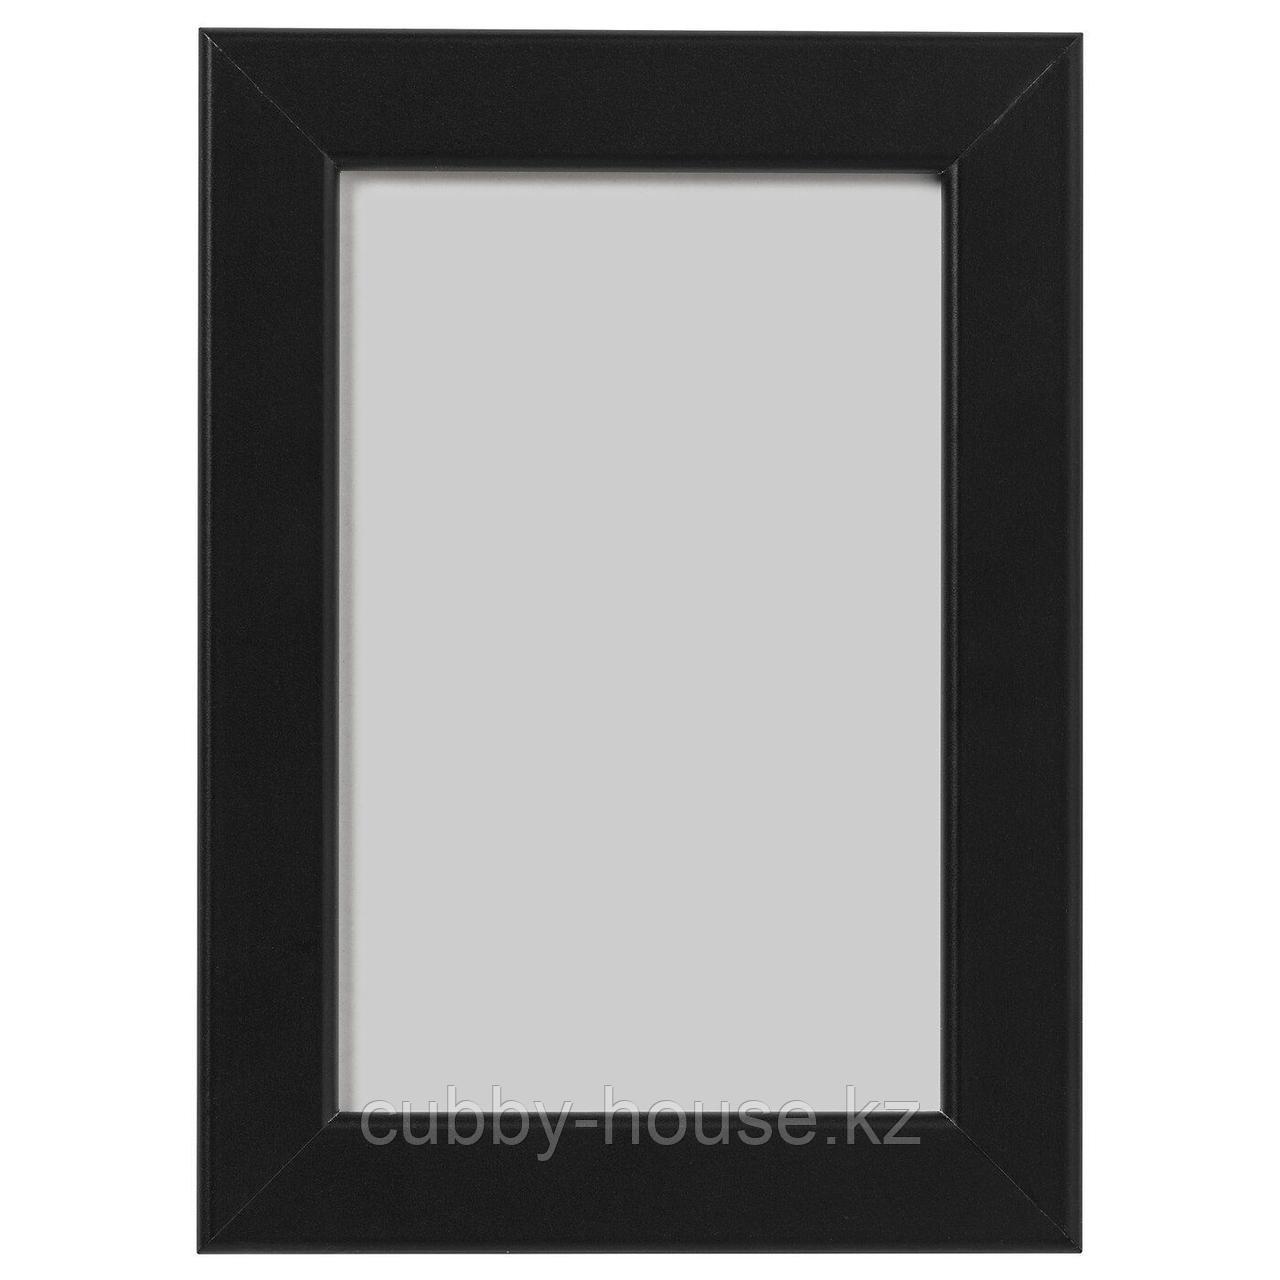 ФИСКБУ Рама, черный, 50x70 см